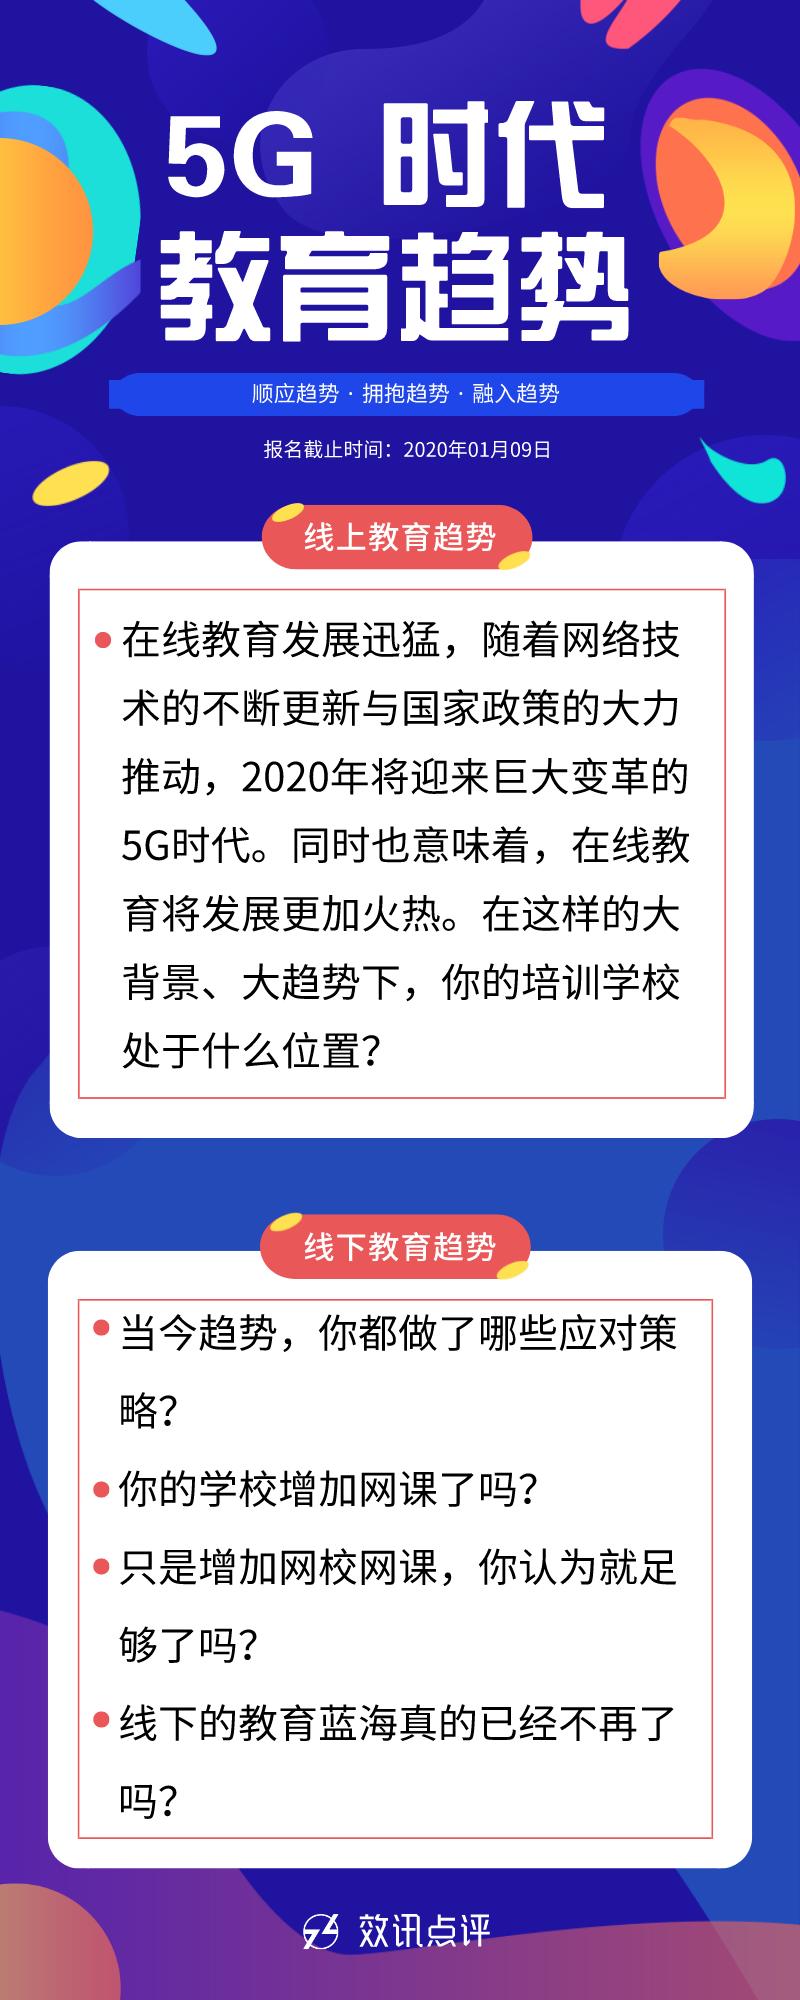 5G时代线下教育如何突围2020(西安)